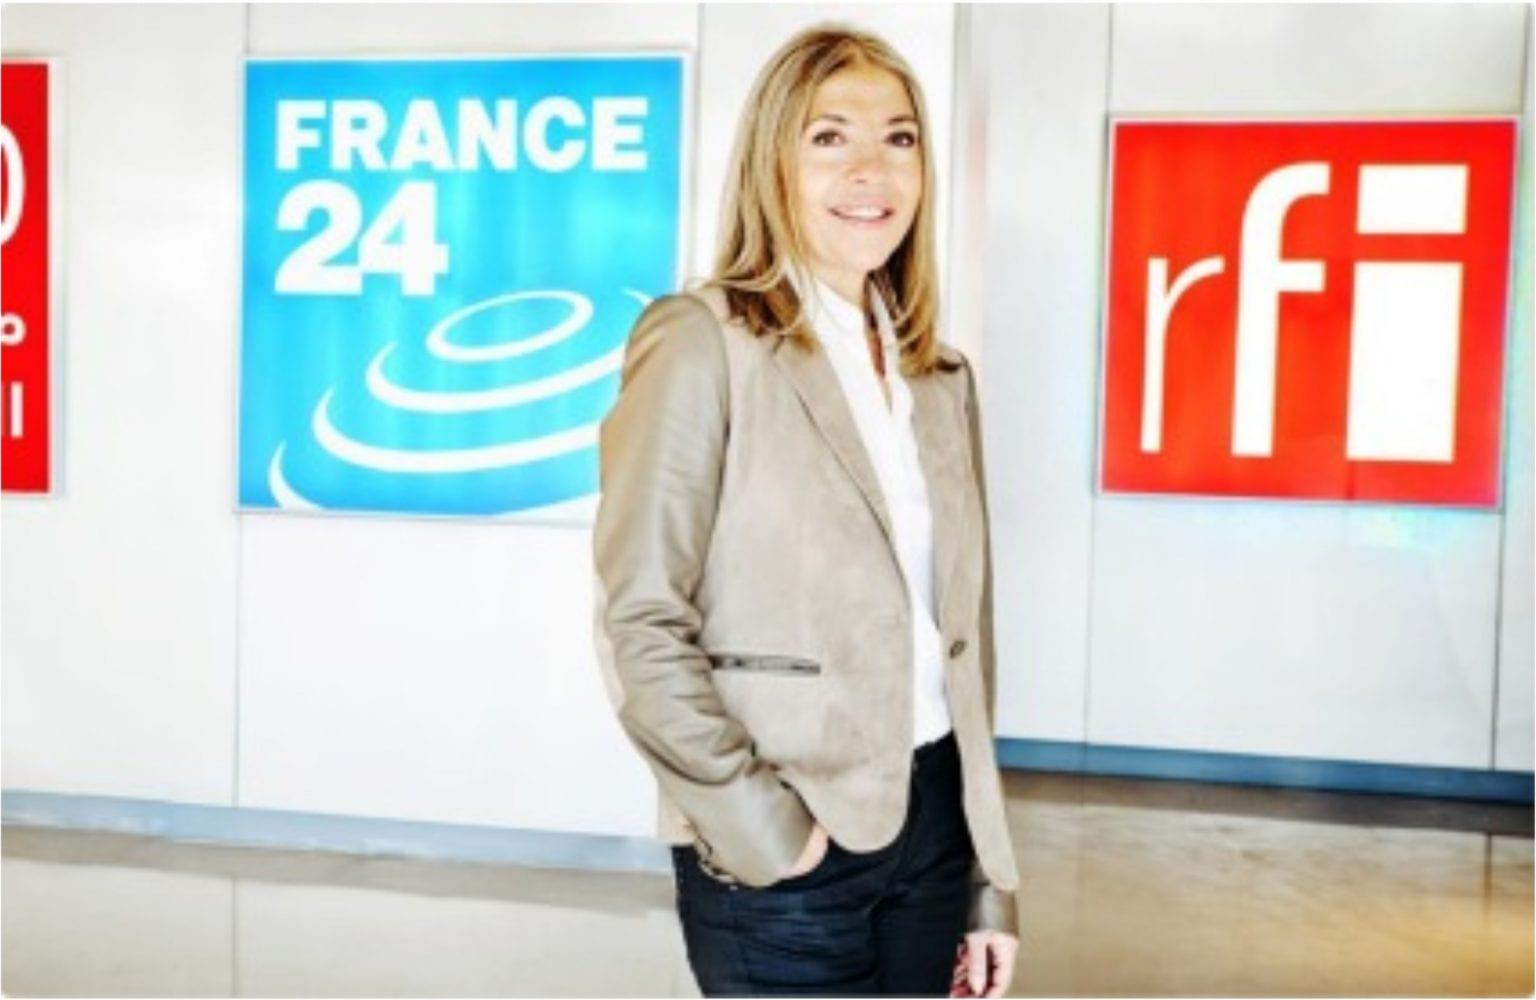 La 1ère réaction française à la crise en Côte d'Ivoire : voici pourquoi elle « intéressante » pour le CNT, selon Geneviève Goëtzinger